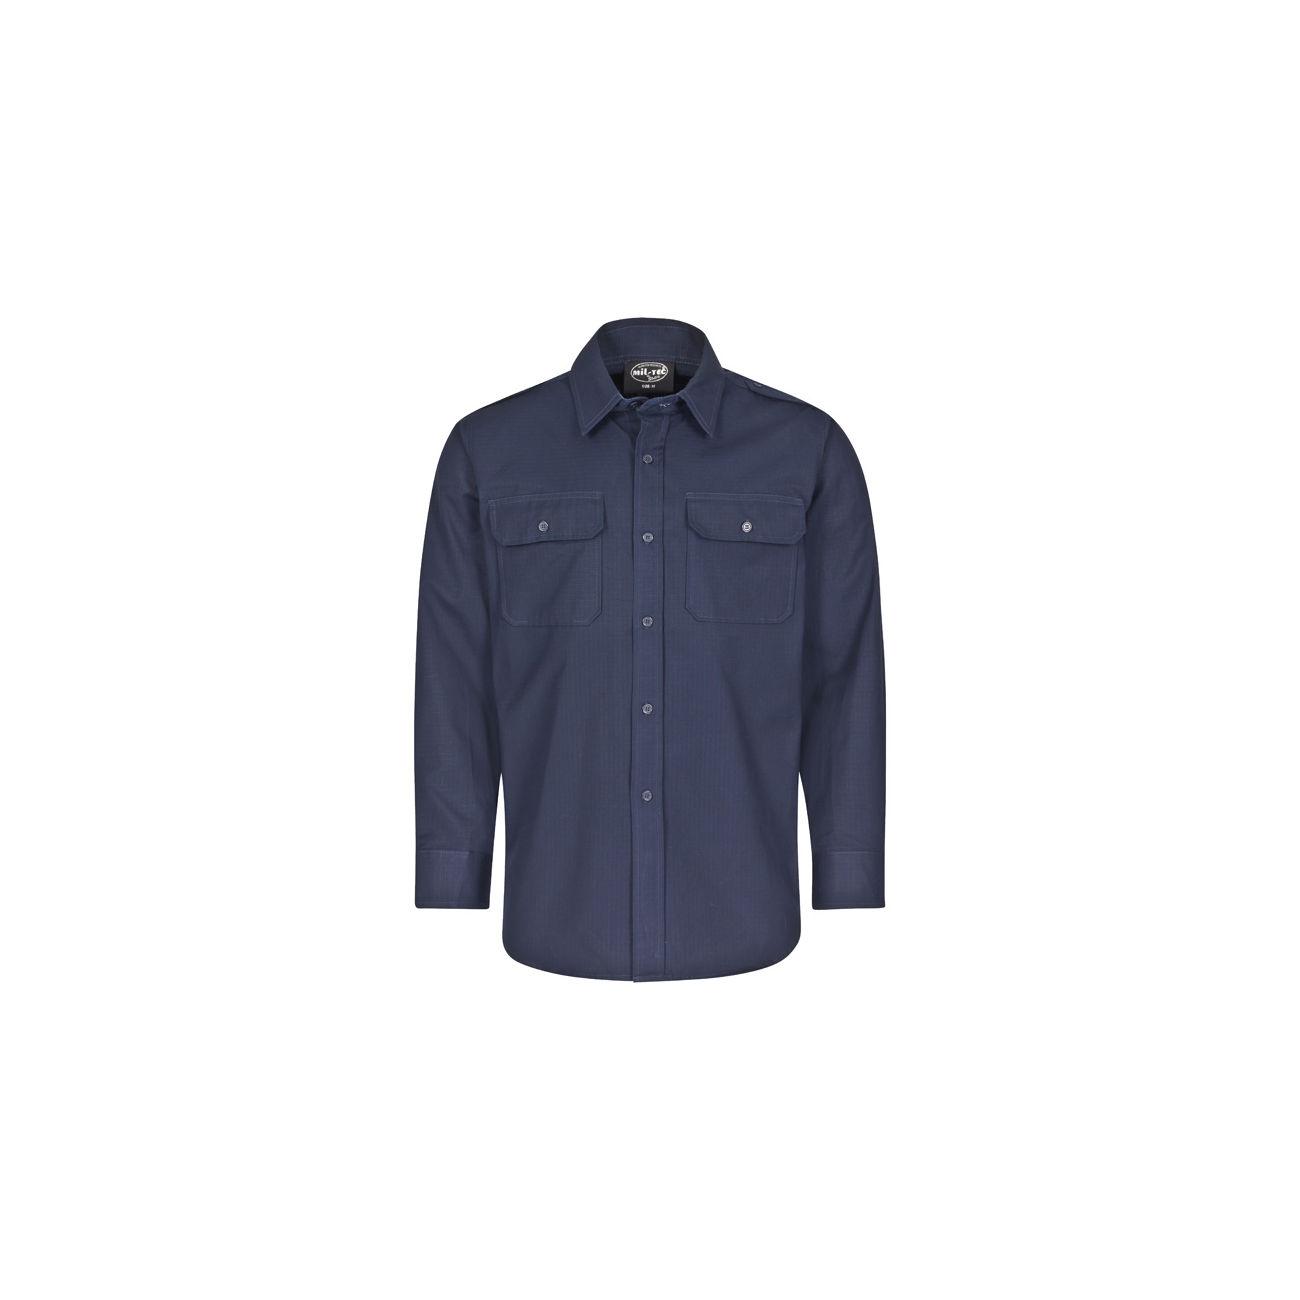 Mil-Tec Feldhemd Ripstop dunkelblau